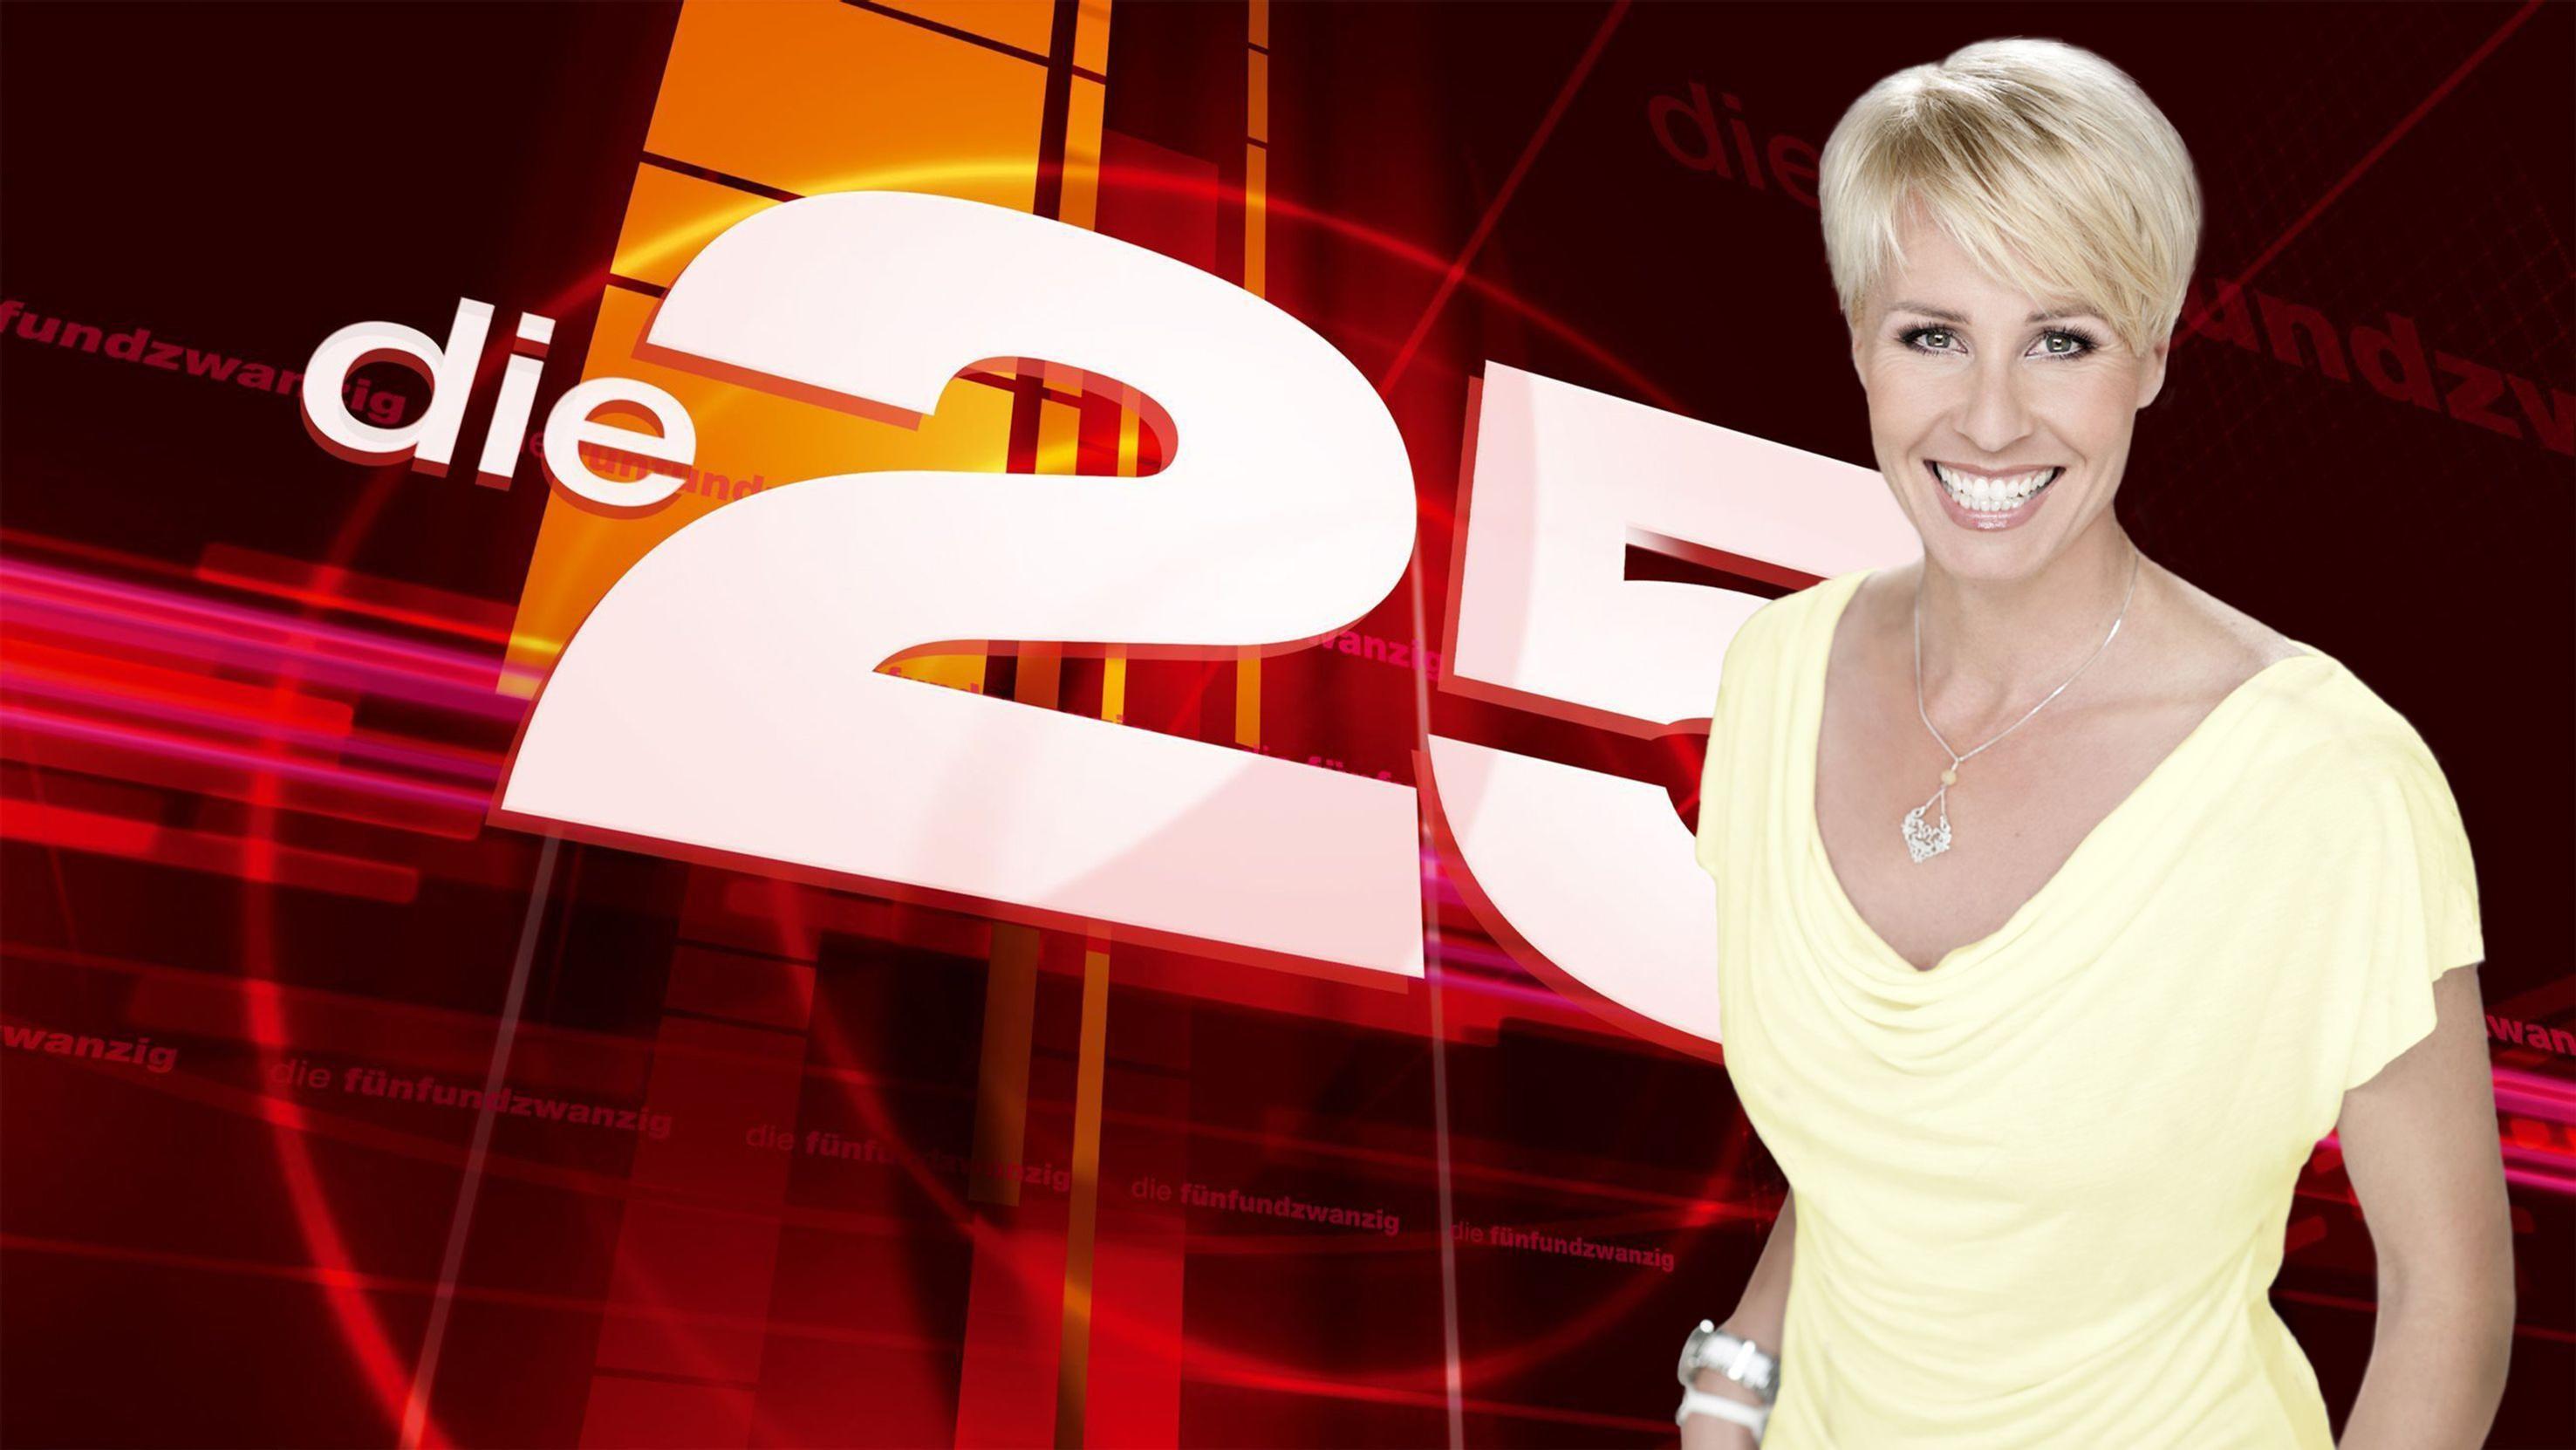 Die 25 emotionalsten tv momente 2013 heute abend bei rtl for Spiegel tv heute abend thema